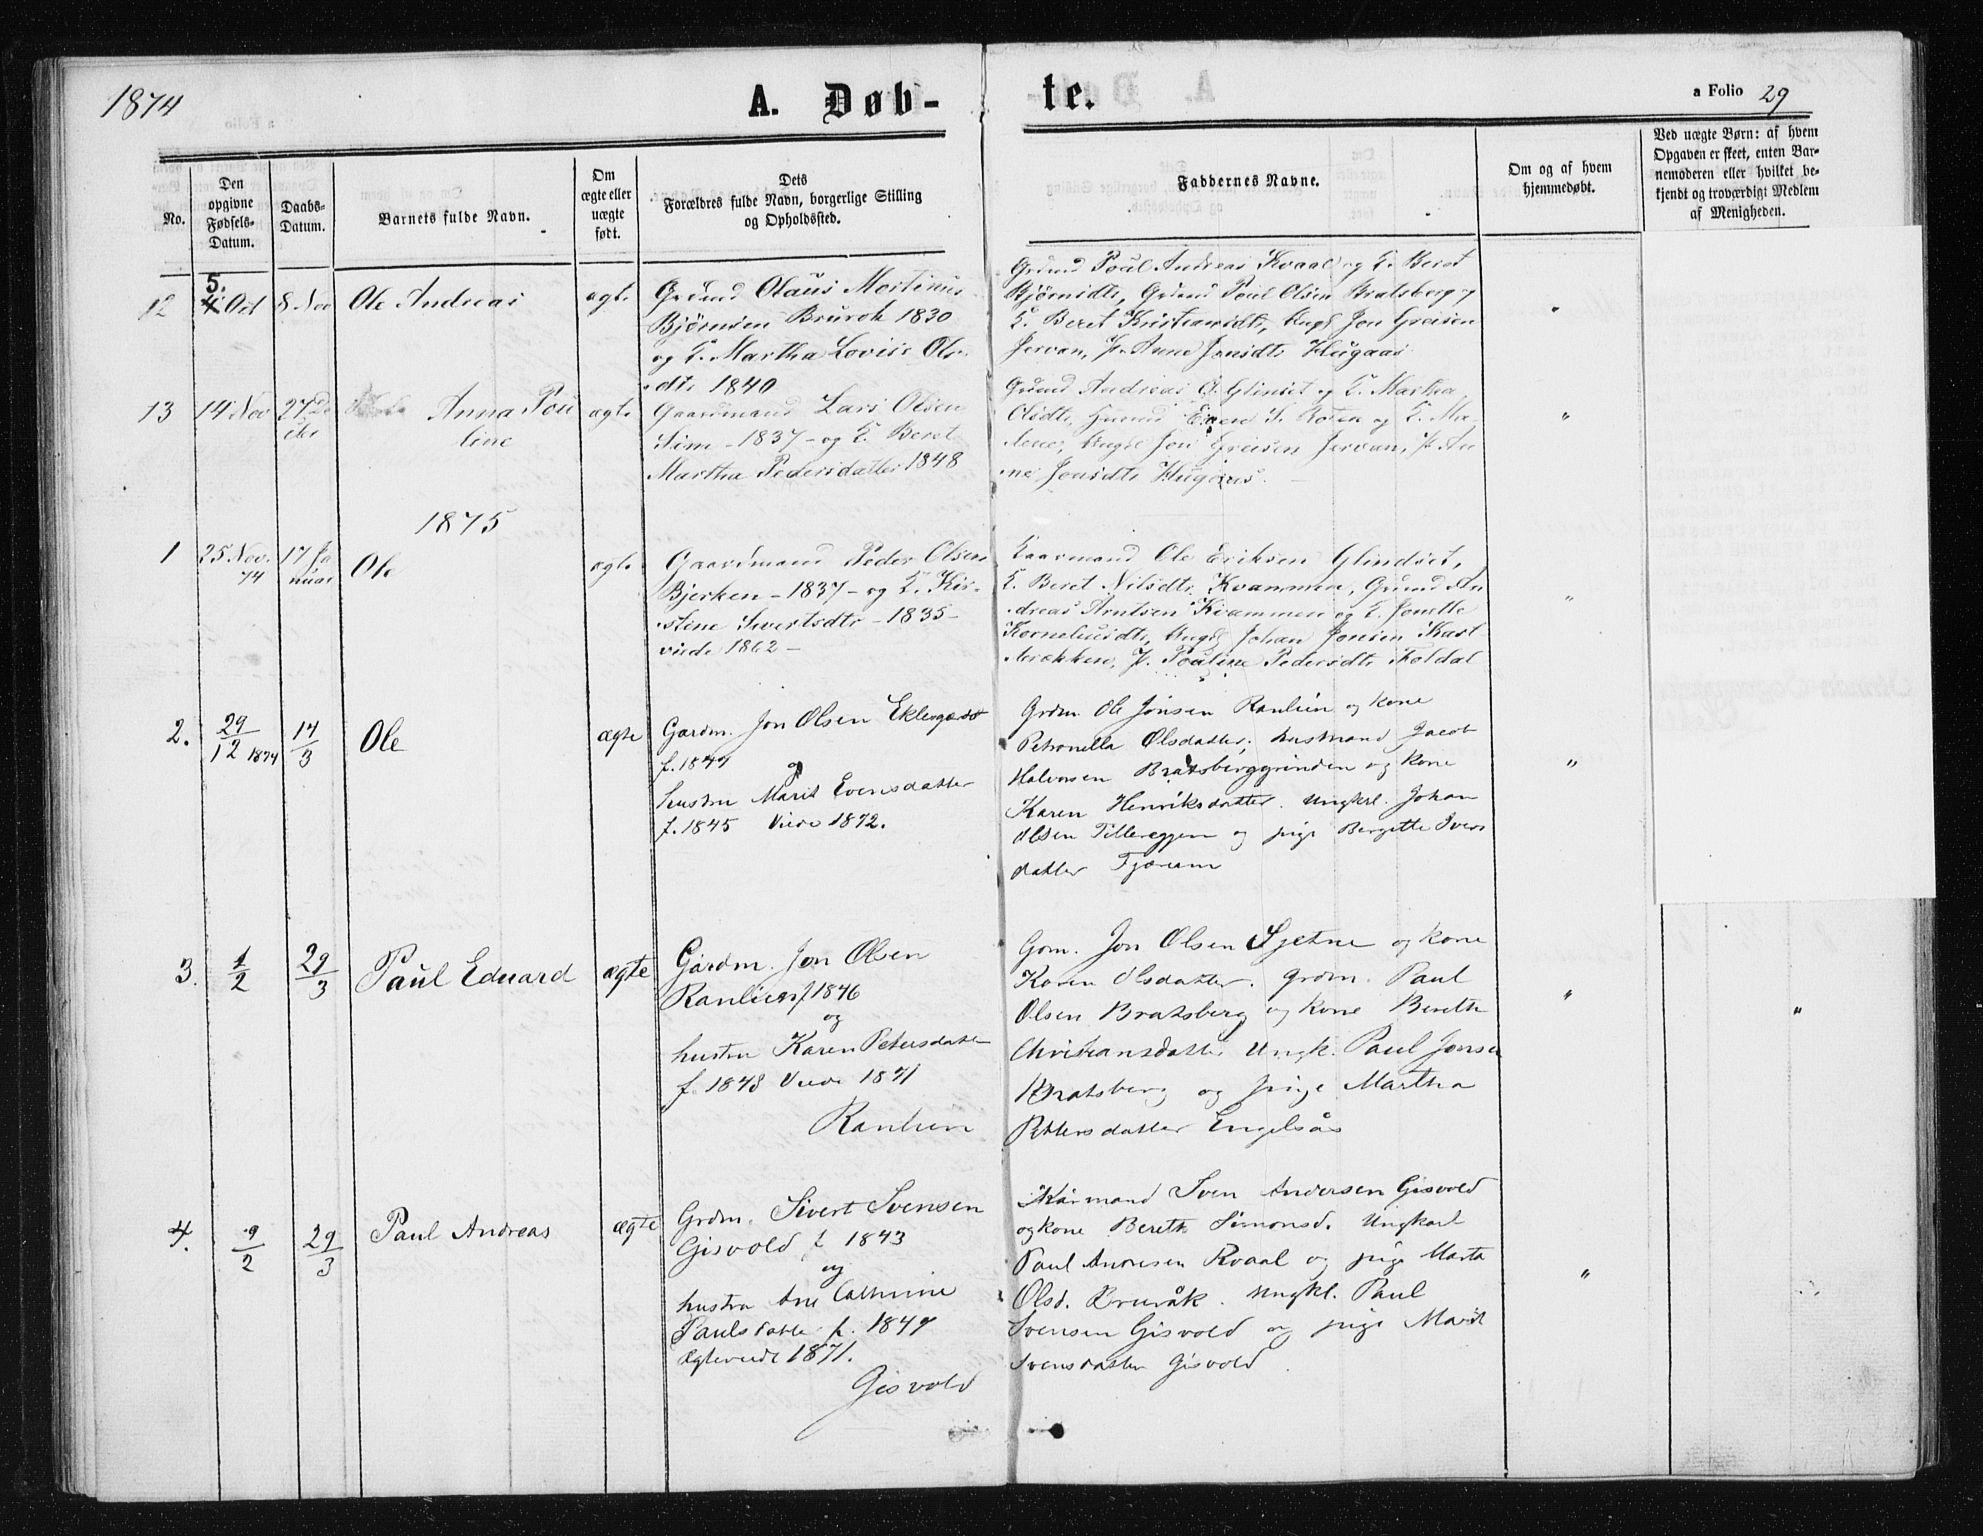 SAT, Ministerialprotokoller, klokkerbøker og fødselsregistre - Sør-Trøndelag, 608/L0333: Ministerialbok nr. 608A02, 1862-1876, s. 29